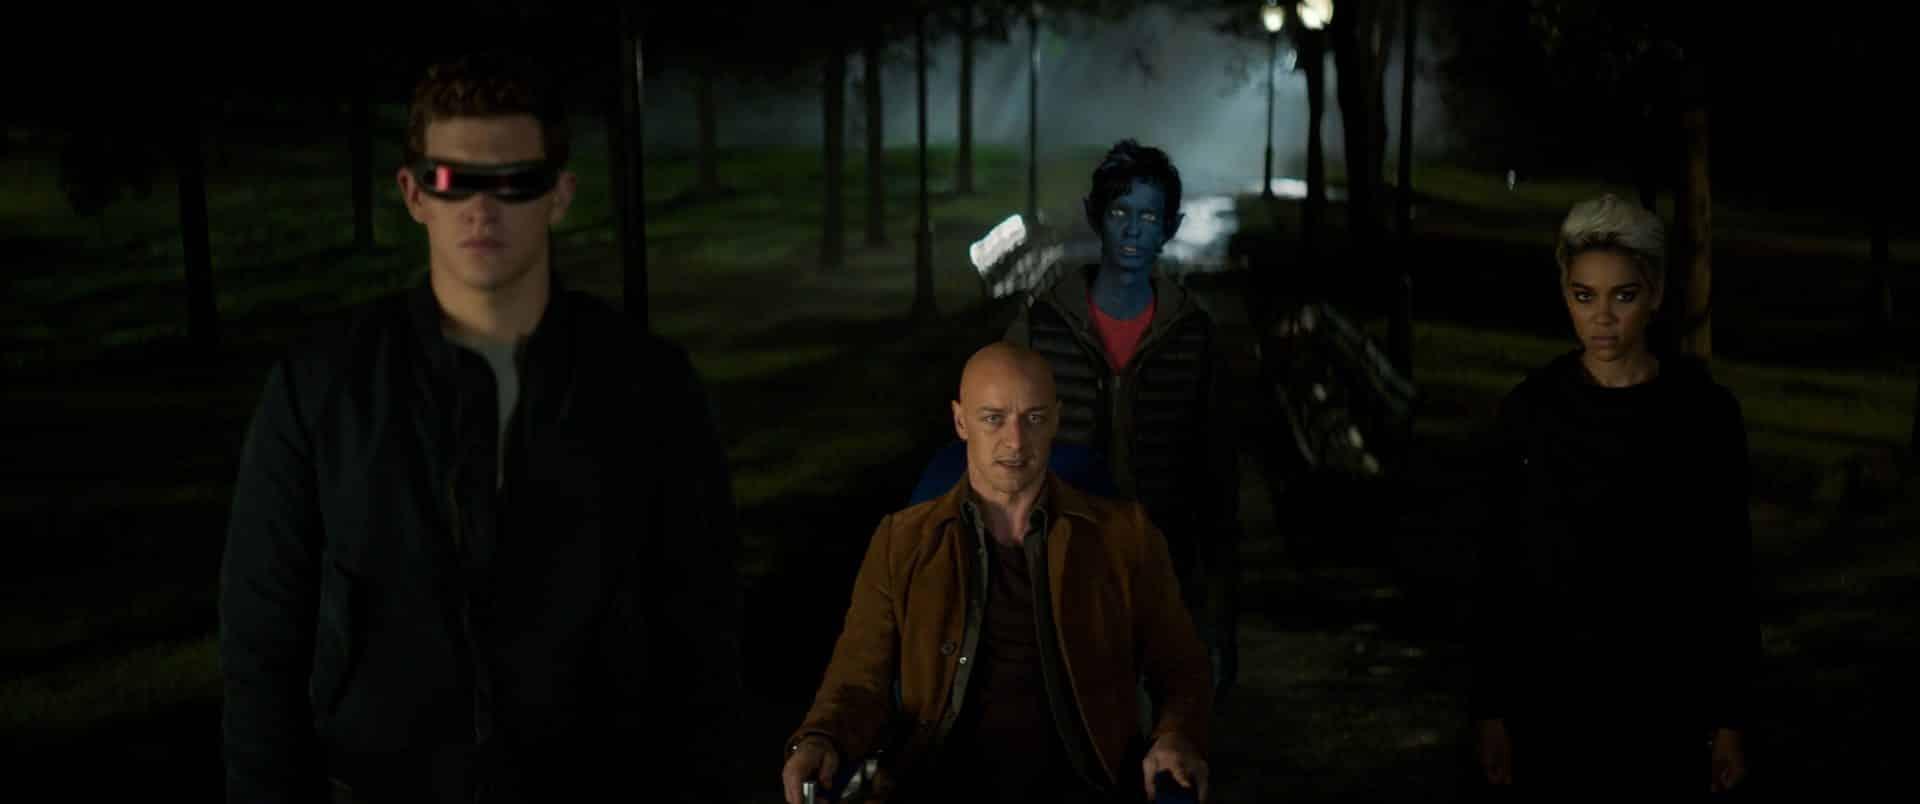 X-Men: Dark Phoenix recenzia